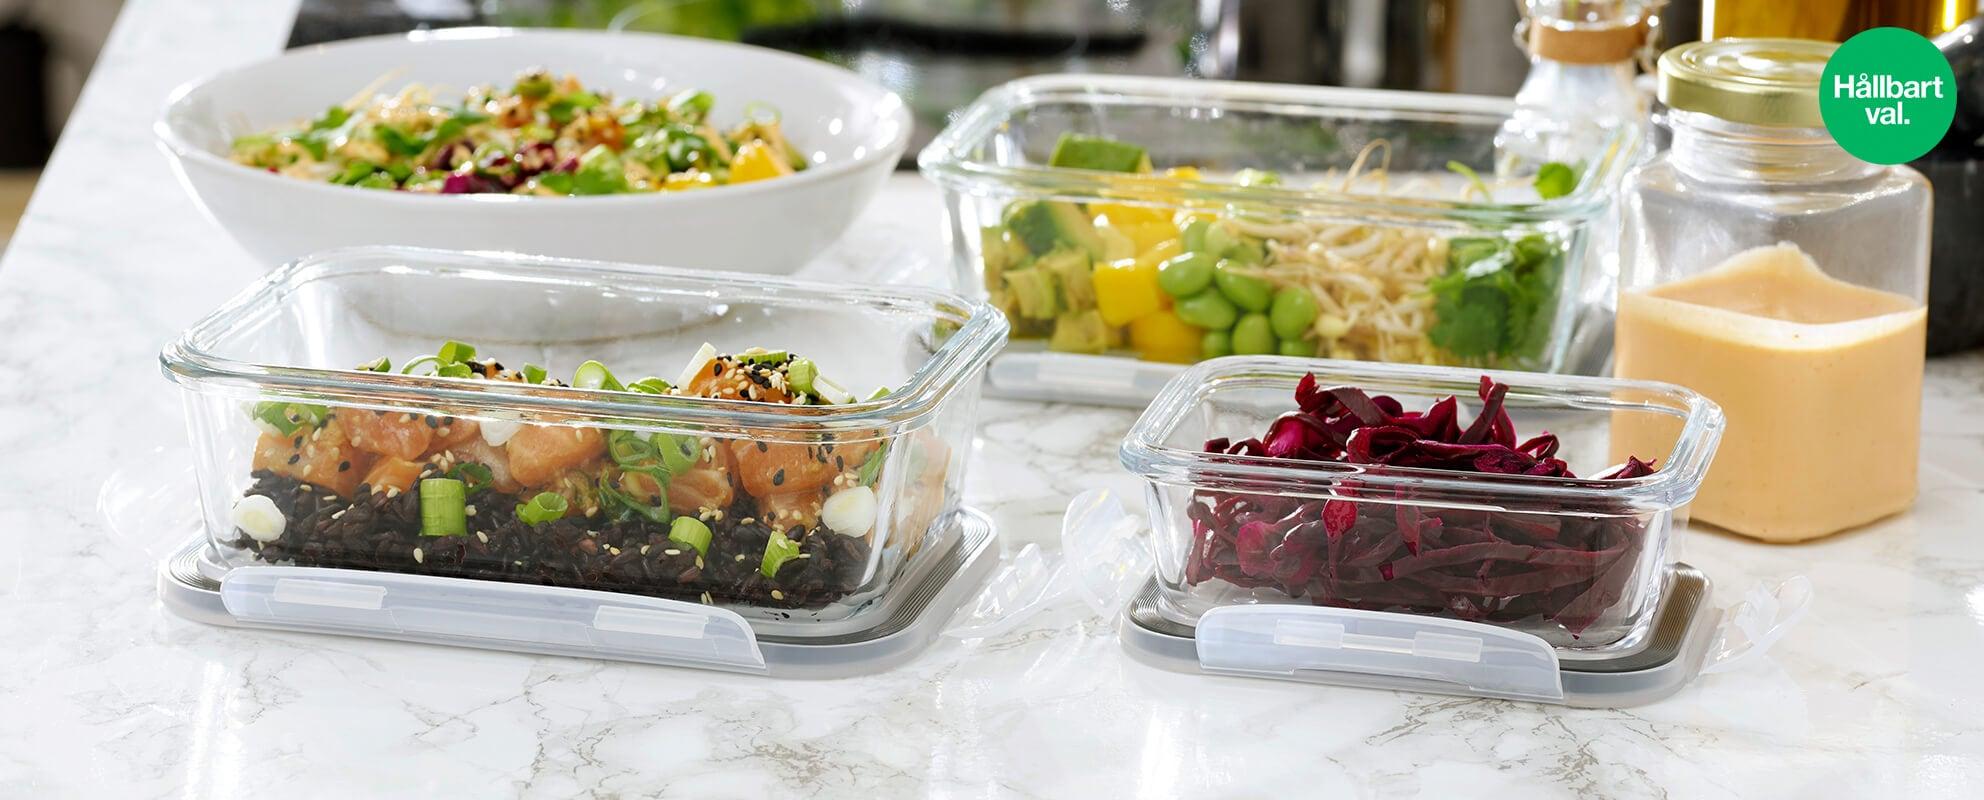 Hållbara produkter i köket